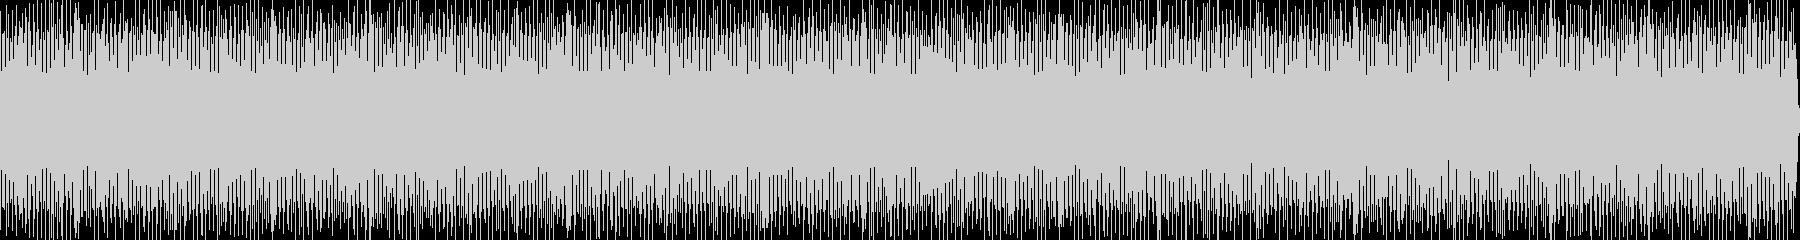 落ち着いたインスト曲、再生時間28分半弱の未再生の波形